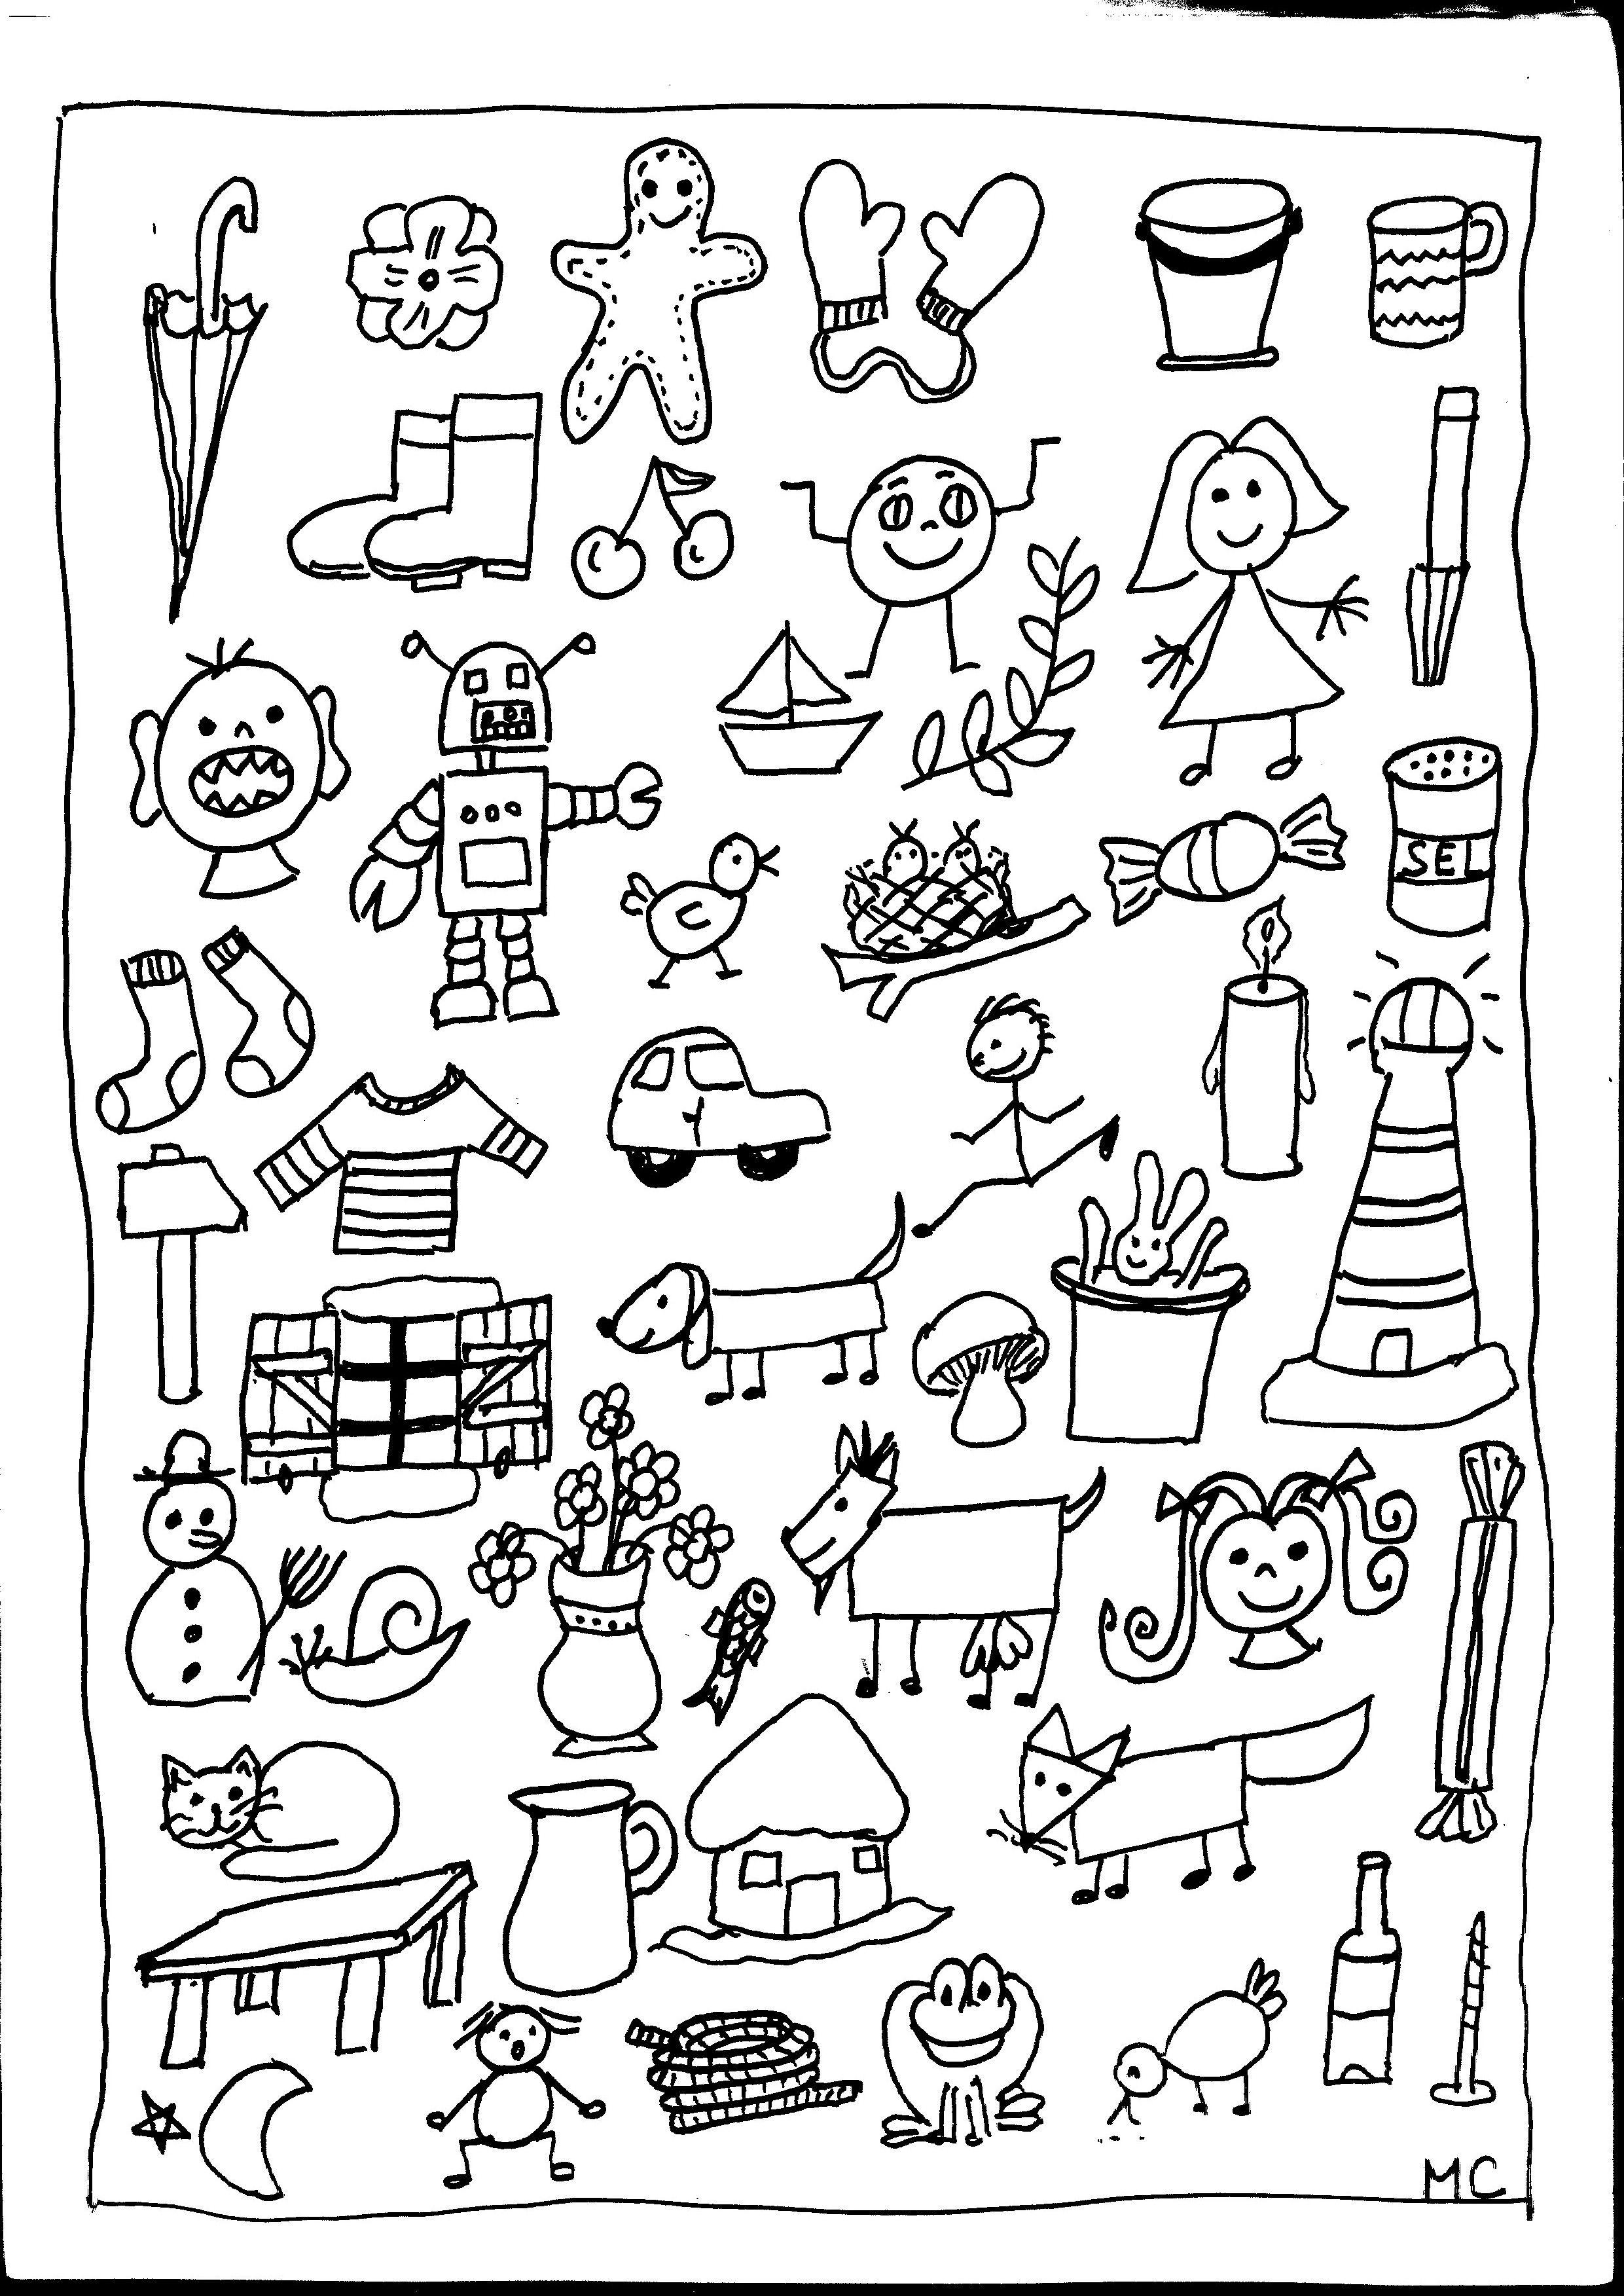 cherche et trouve la maternelle de Camille Lire les couleurs lamaternelledecamille OK